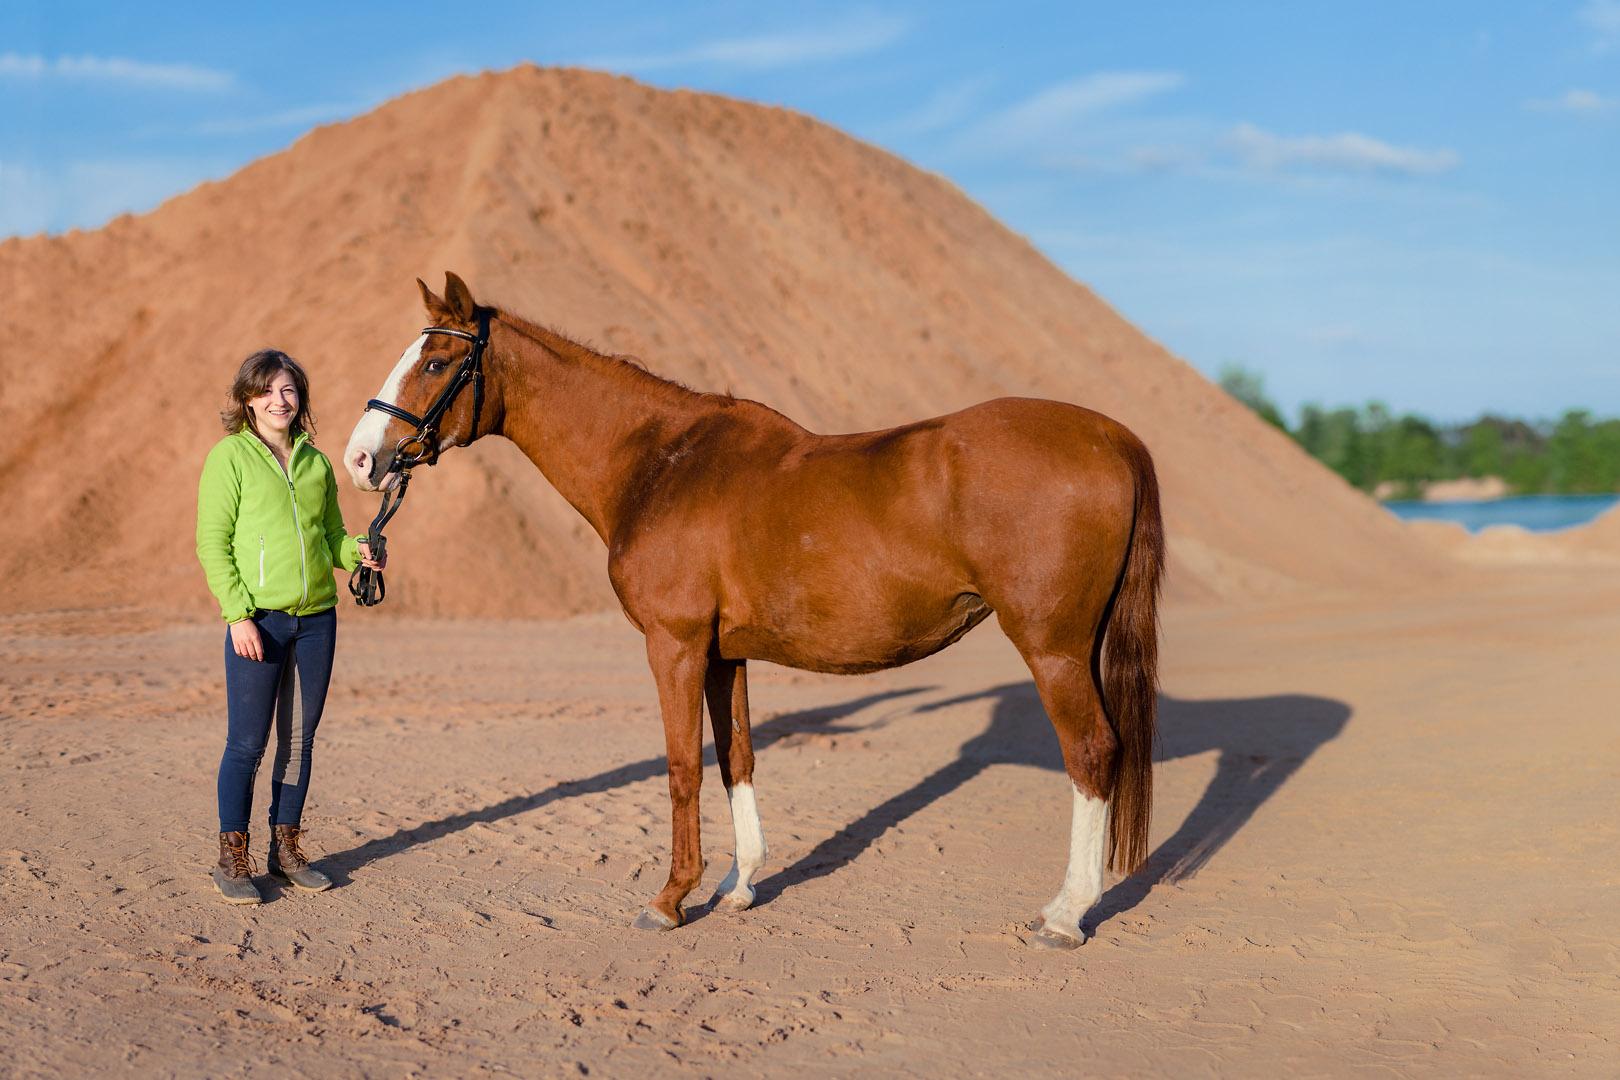 tierfotograf-pferde-outdoorshooting-der-fotograf-nürnberg4.jpg